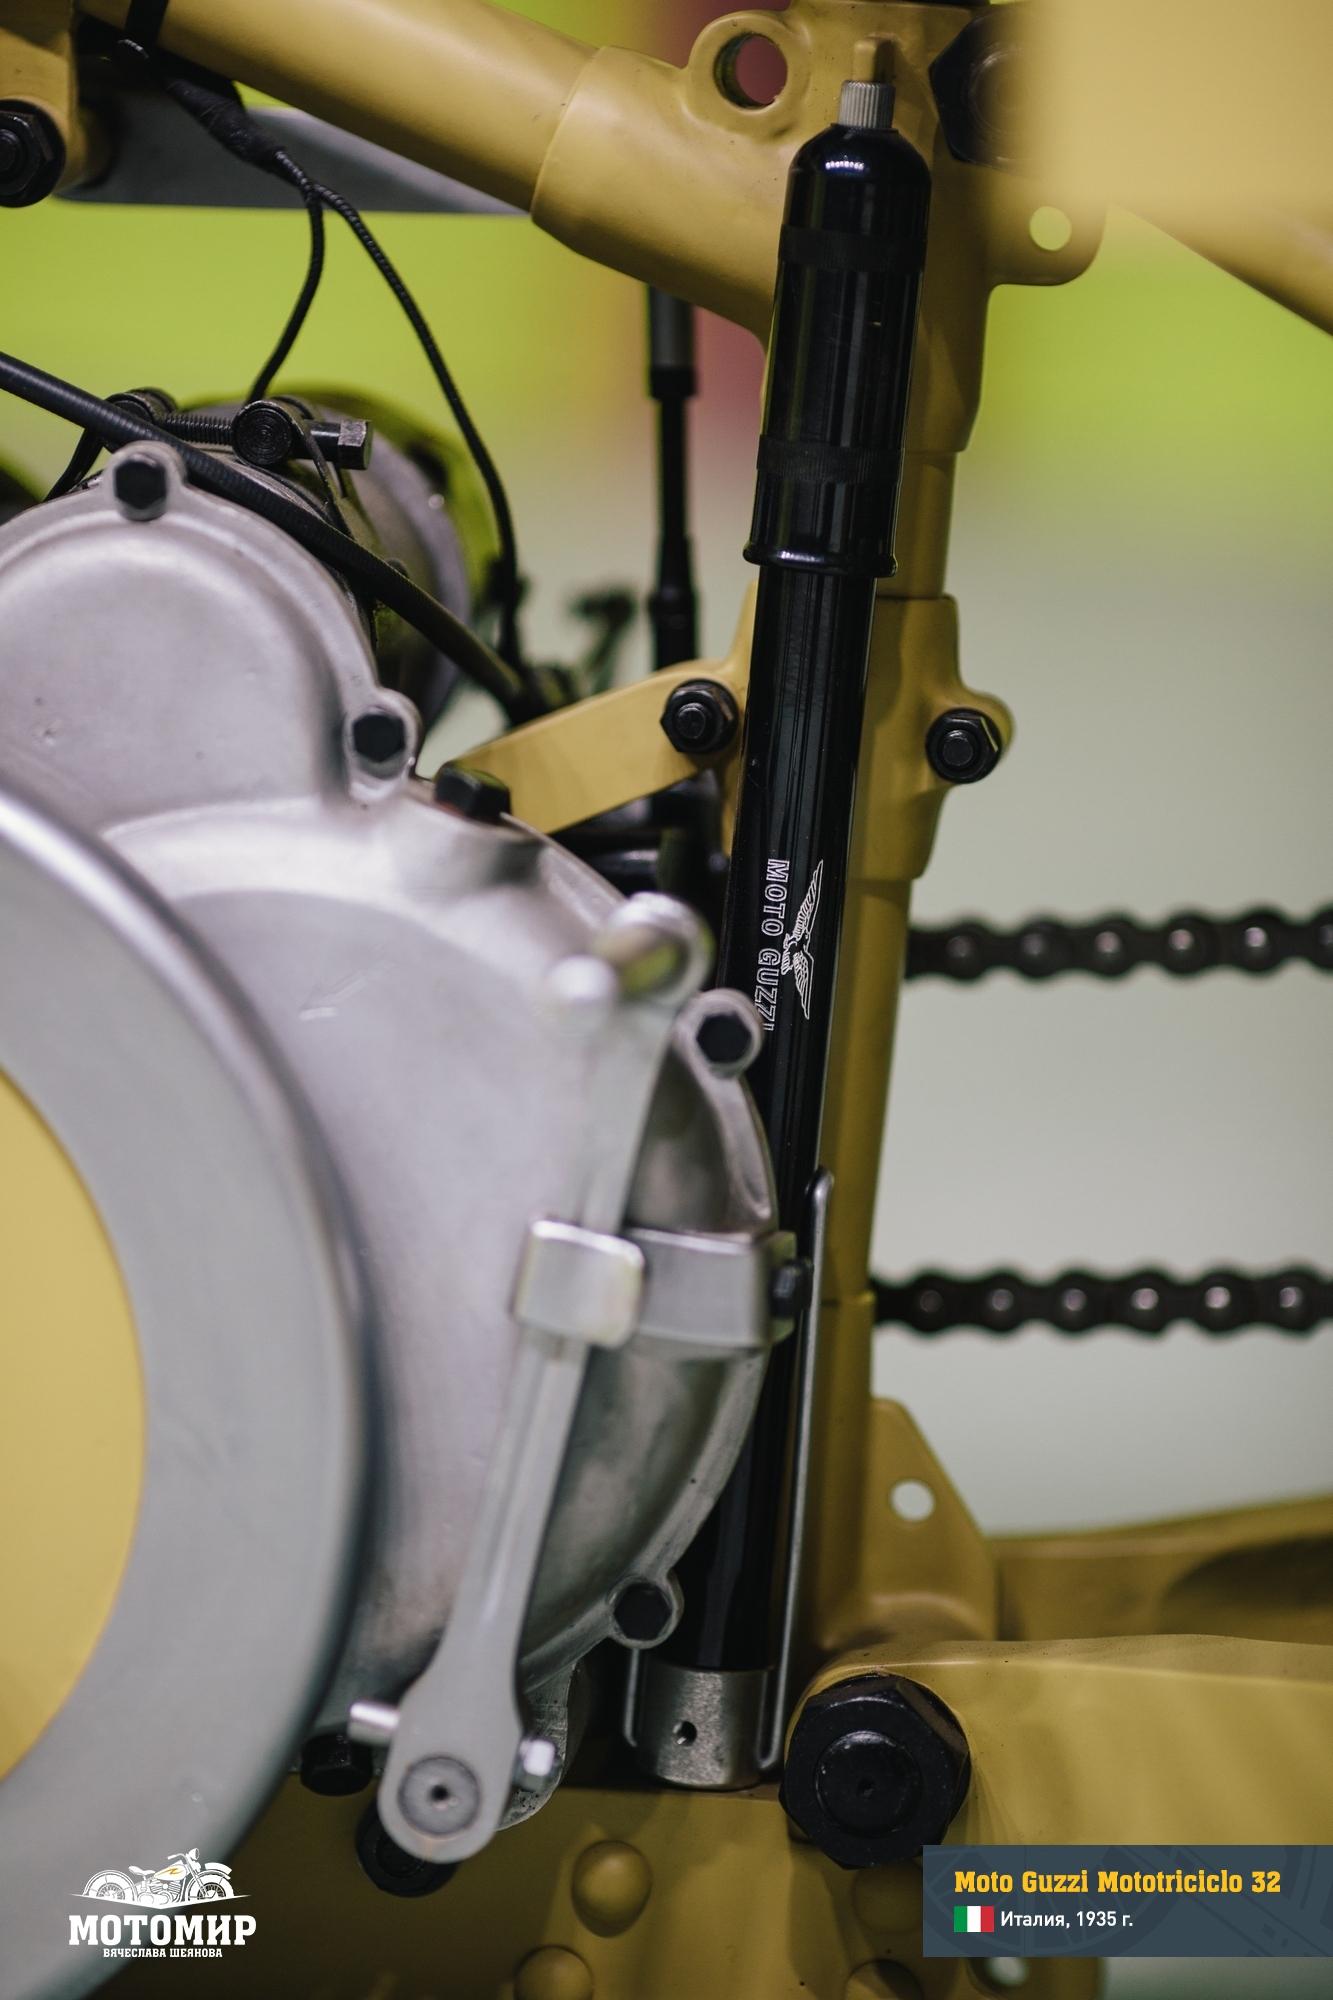 moto-guzzi-mototriciclo-32-web-25